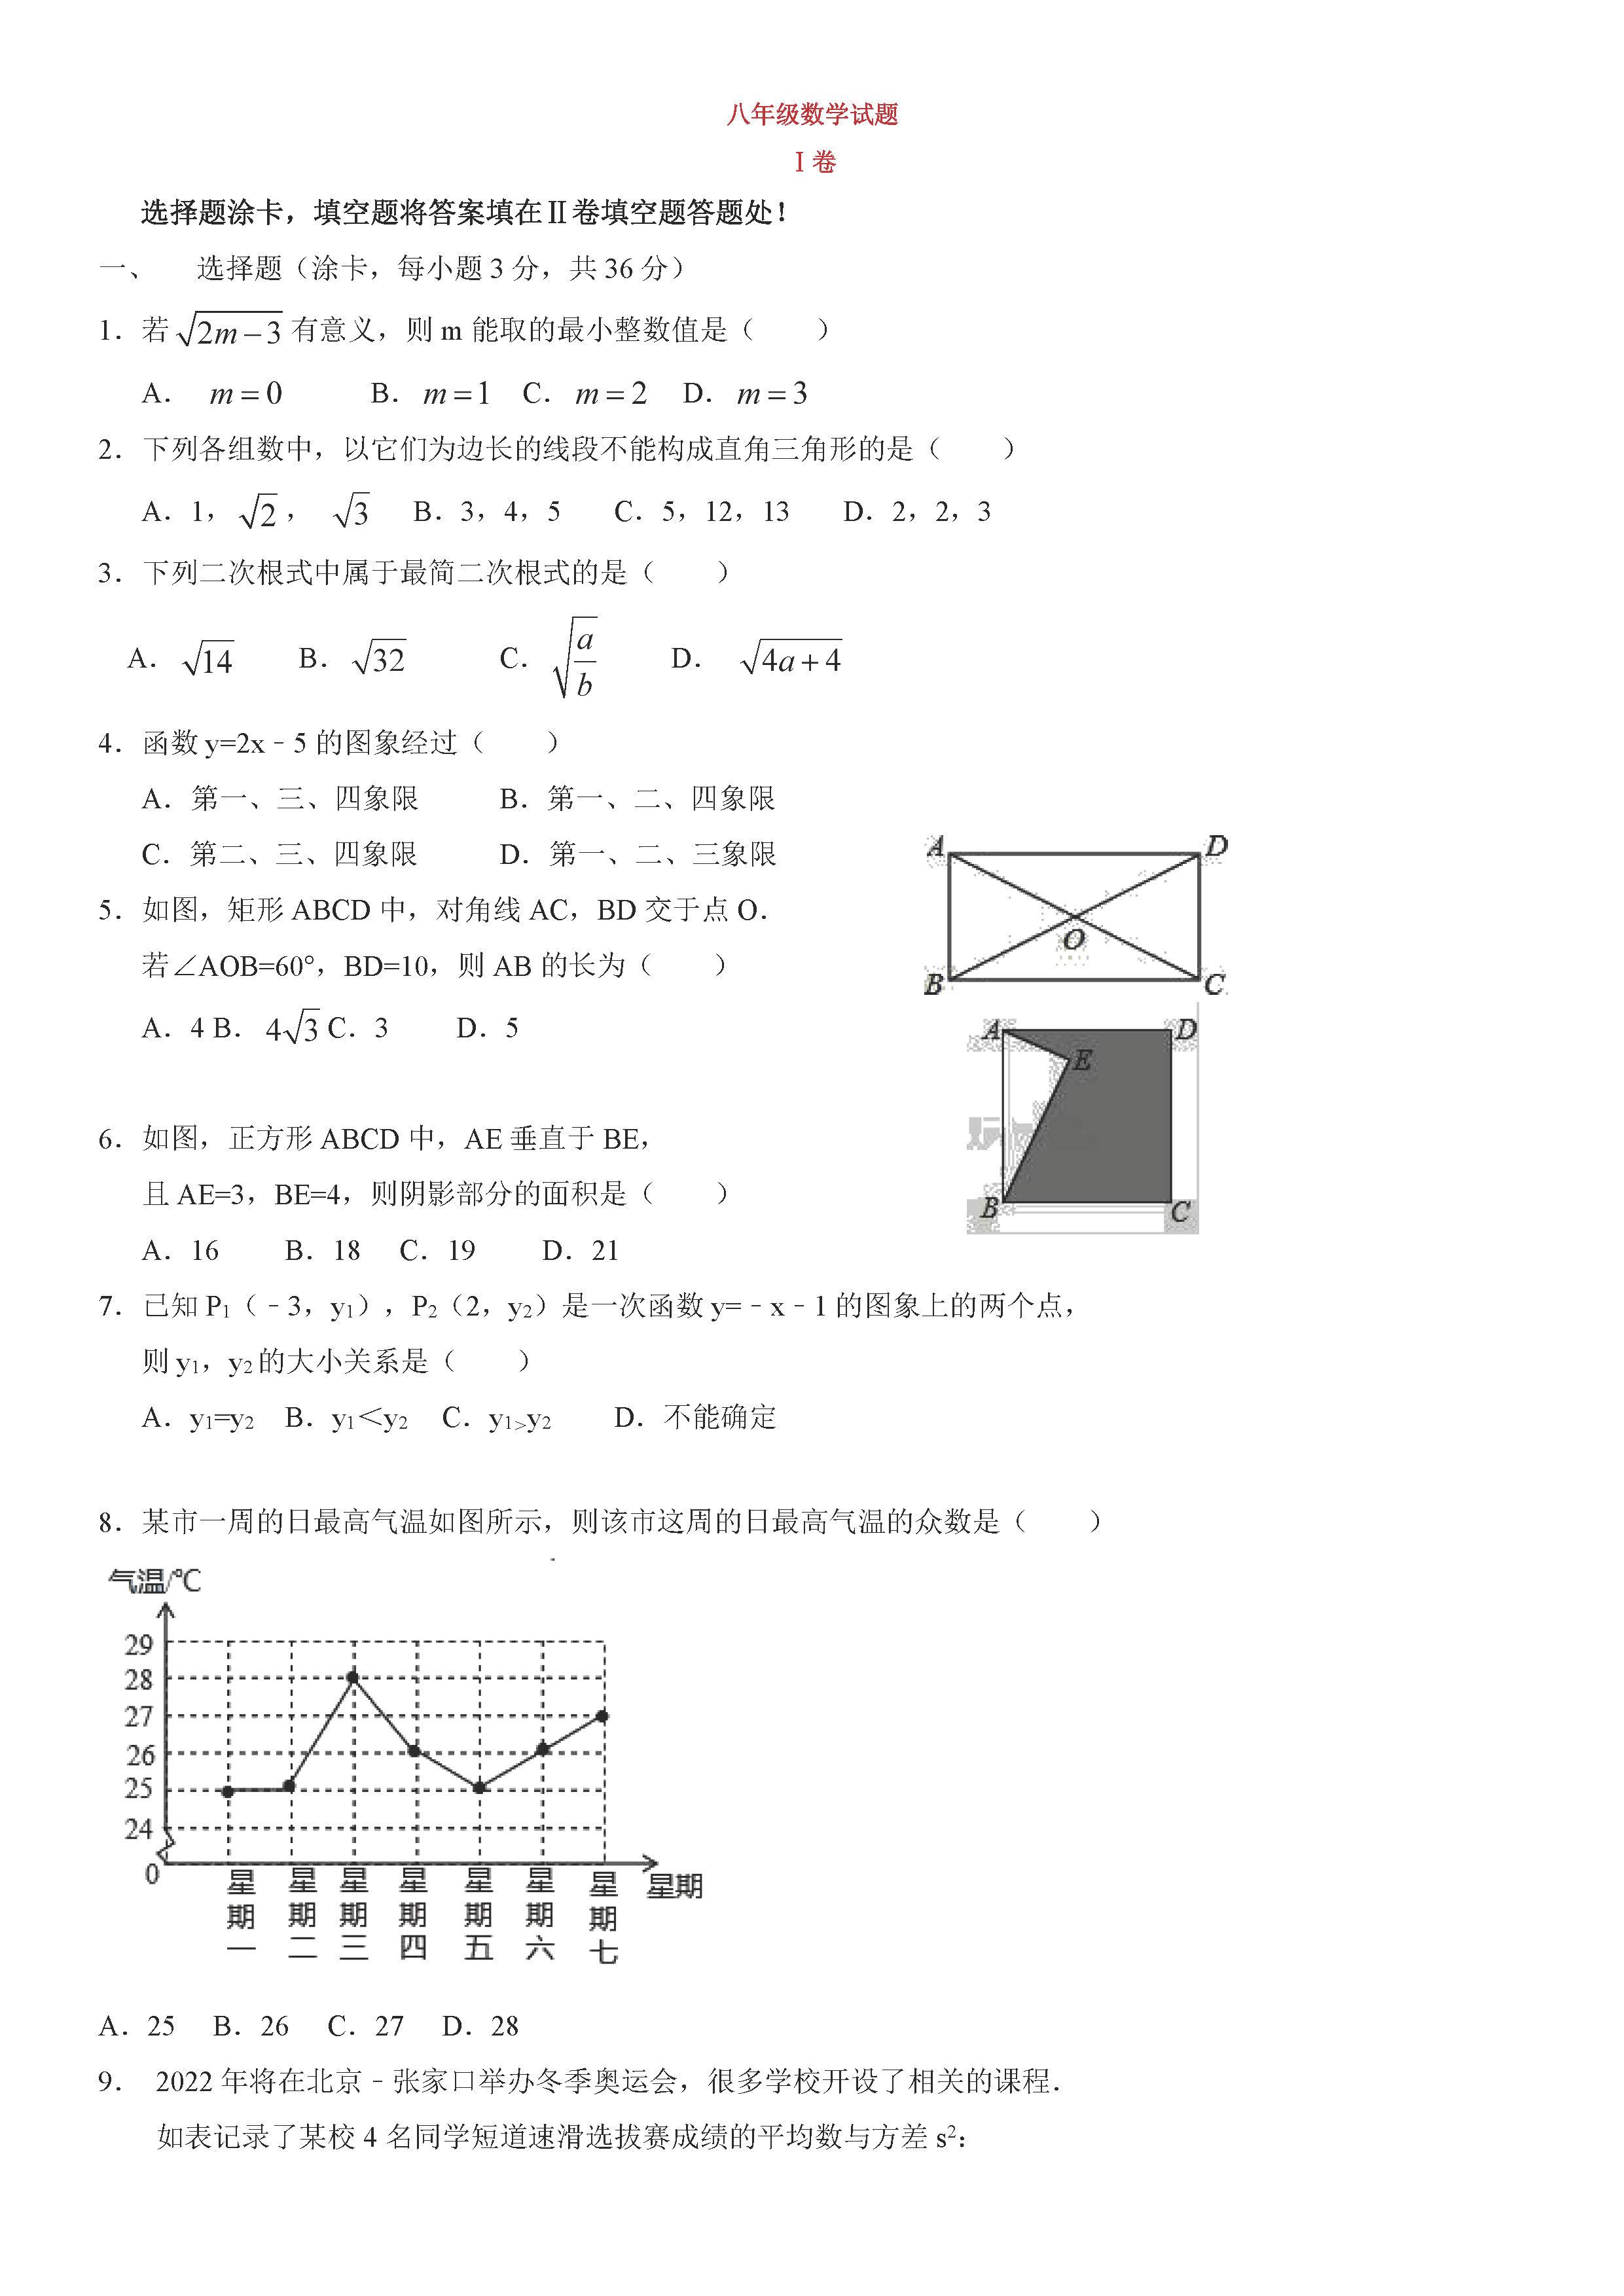 内蒙古巴彦淖尔市2018-2019八年级数学下册期末试题附答案